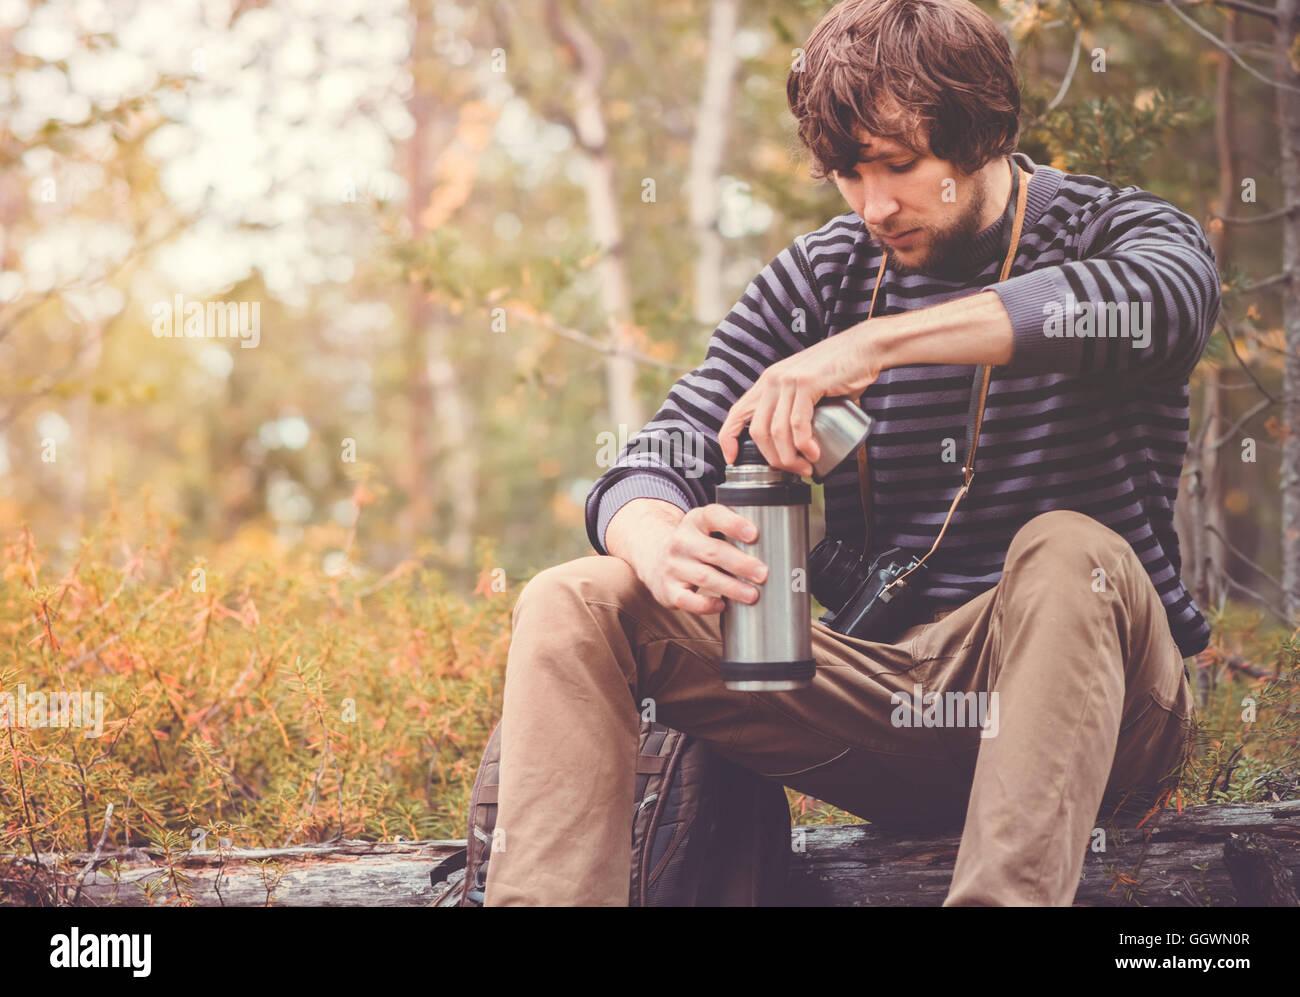 Uomo viaggiatore rilassante nella foresta con il thermos, zaino e fotocamera Foto di viaggio il concetto di stile Immagini Stock